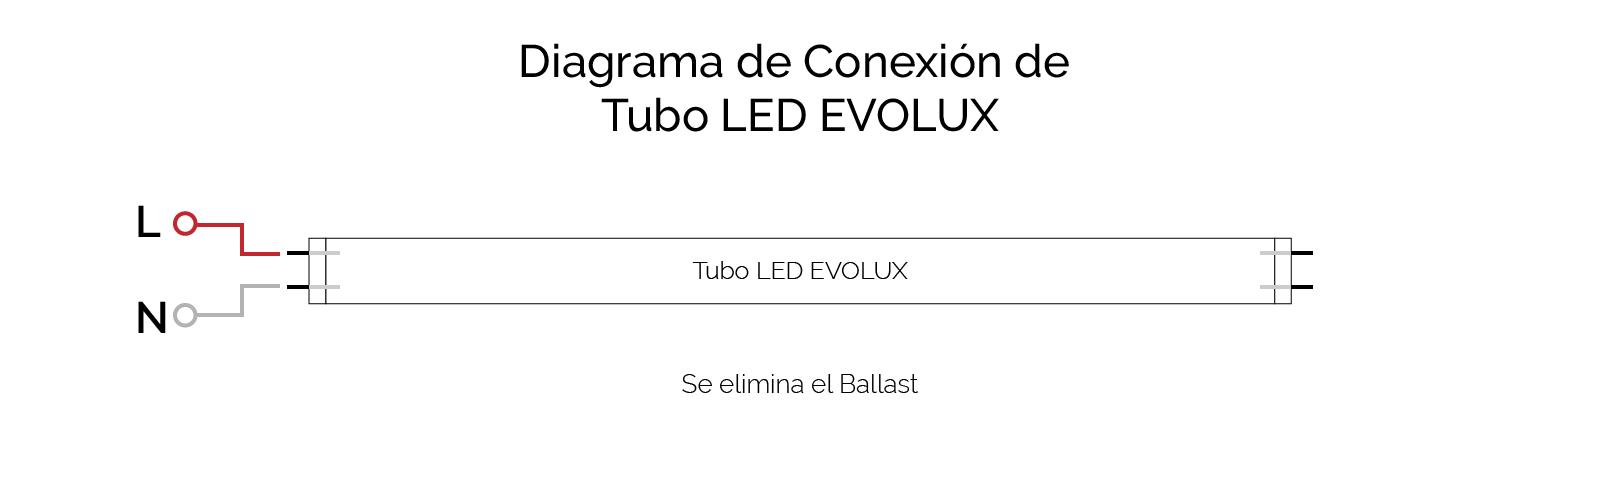 Conexión Tubo LED EVOLUX